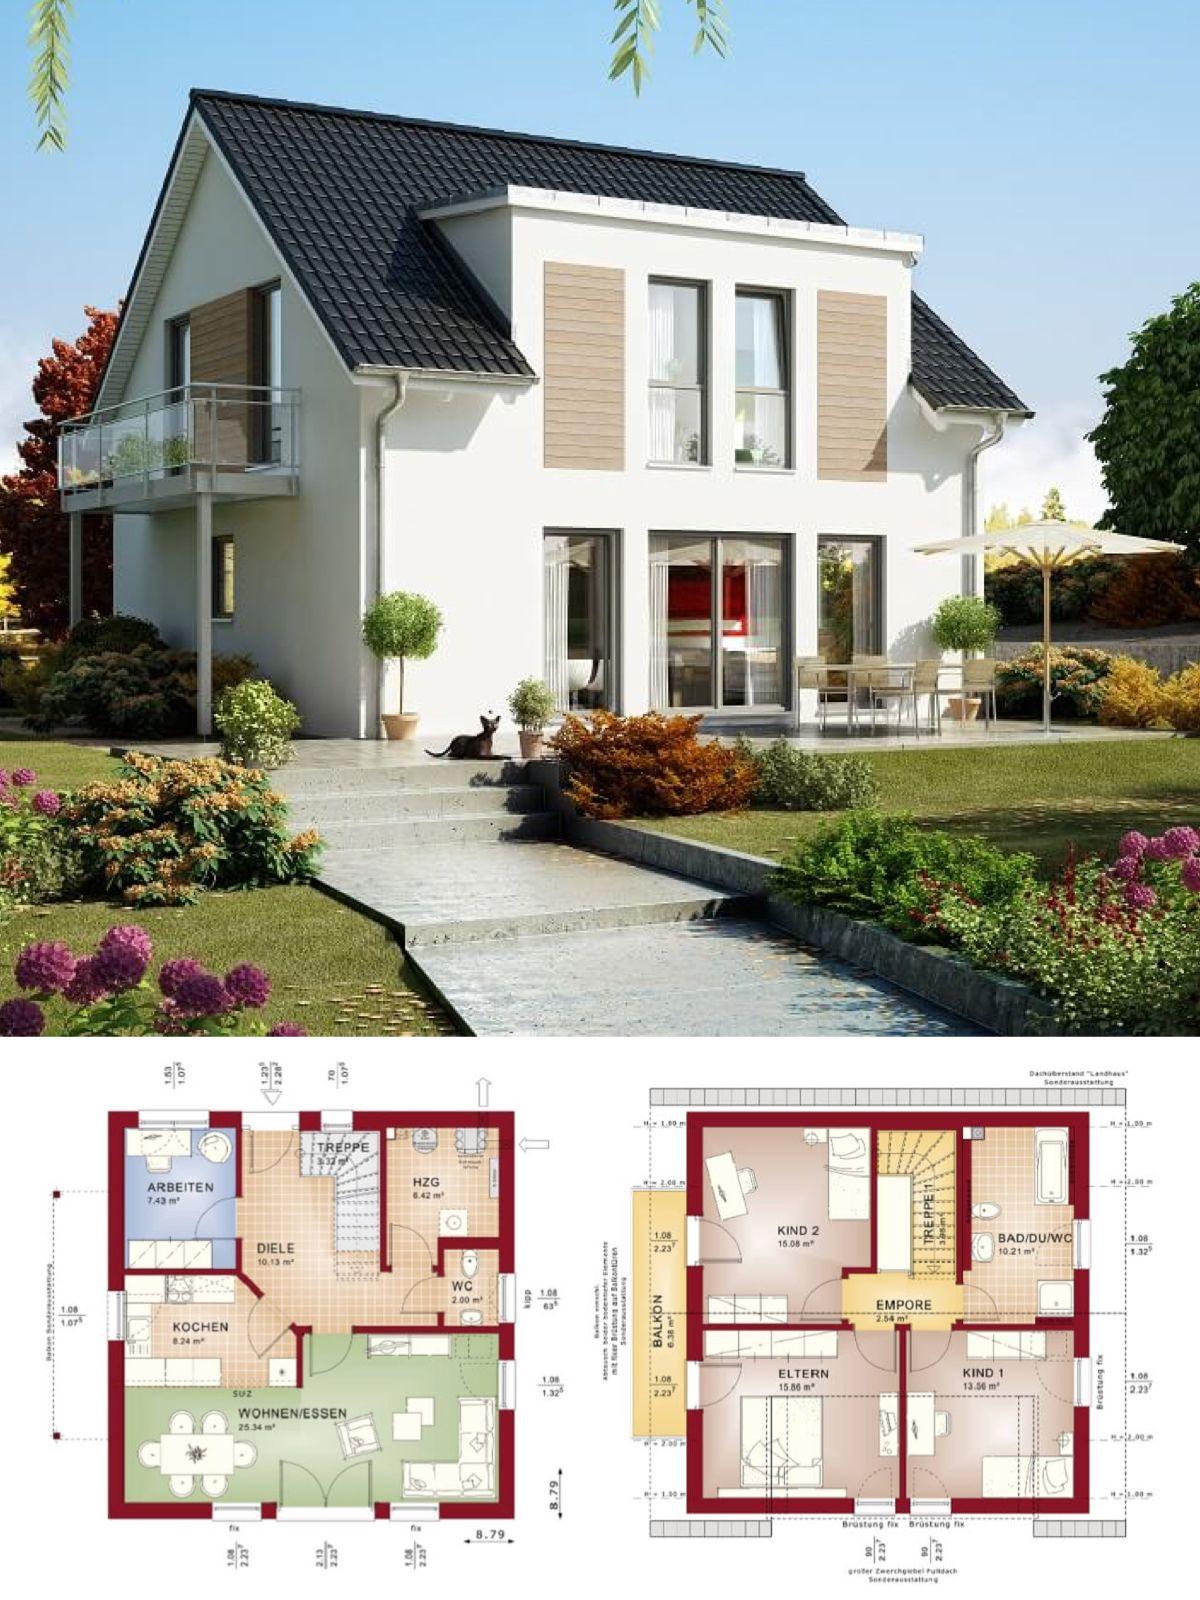 Einfamilienhaus neubau mit satteldach architektur for Hausbau ideen bauplane